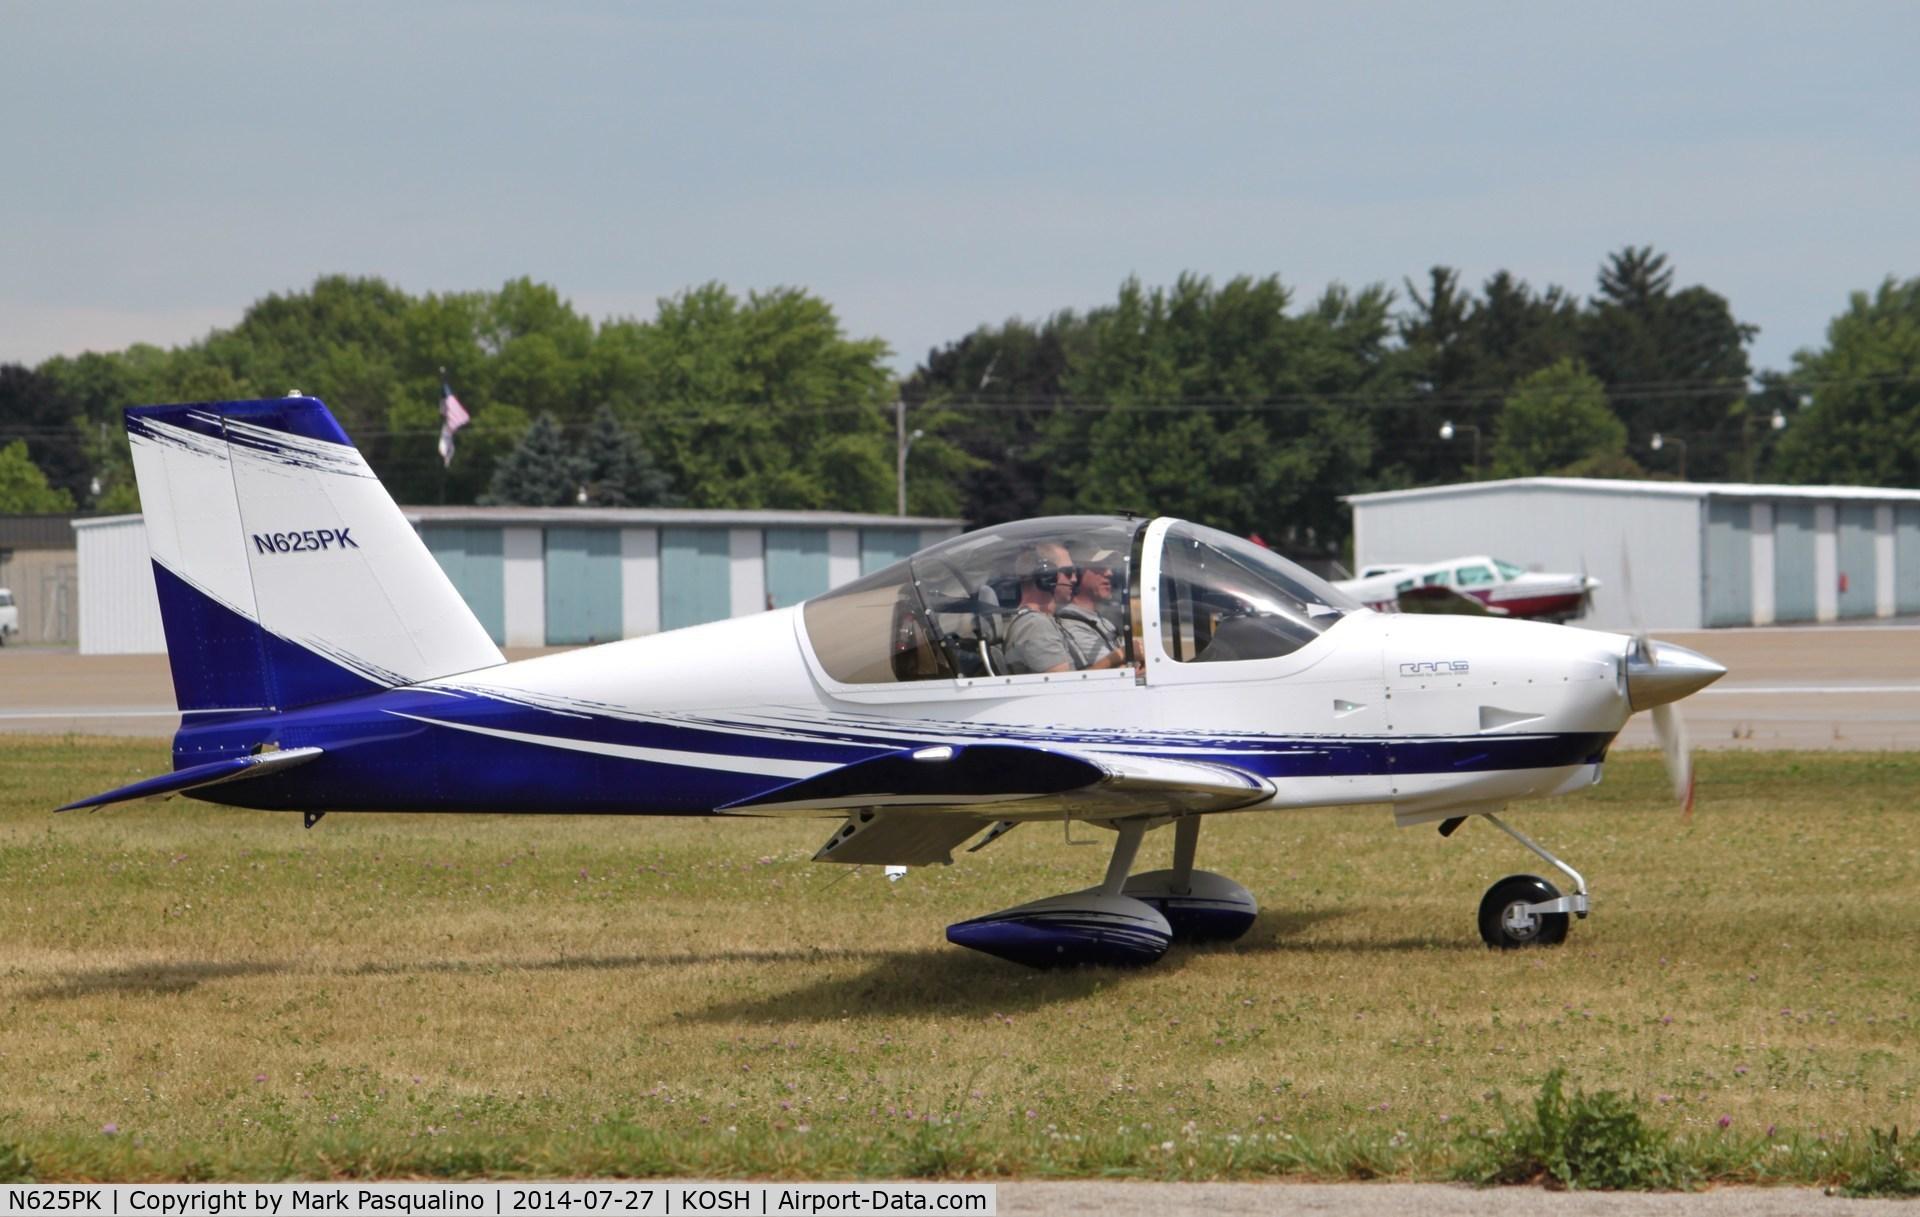 Aircraft N625PK (Rans S-19 Venterra C/N 090800034) Photo by